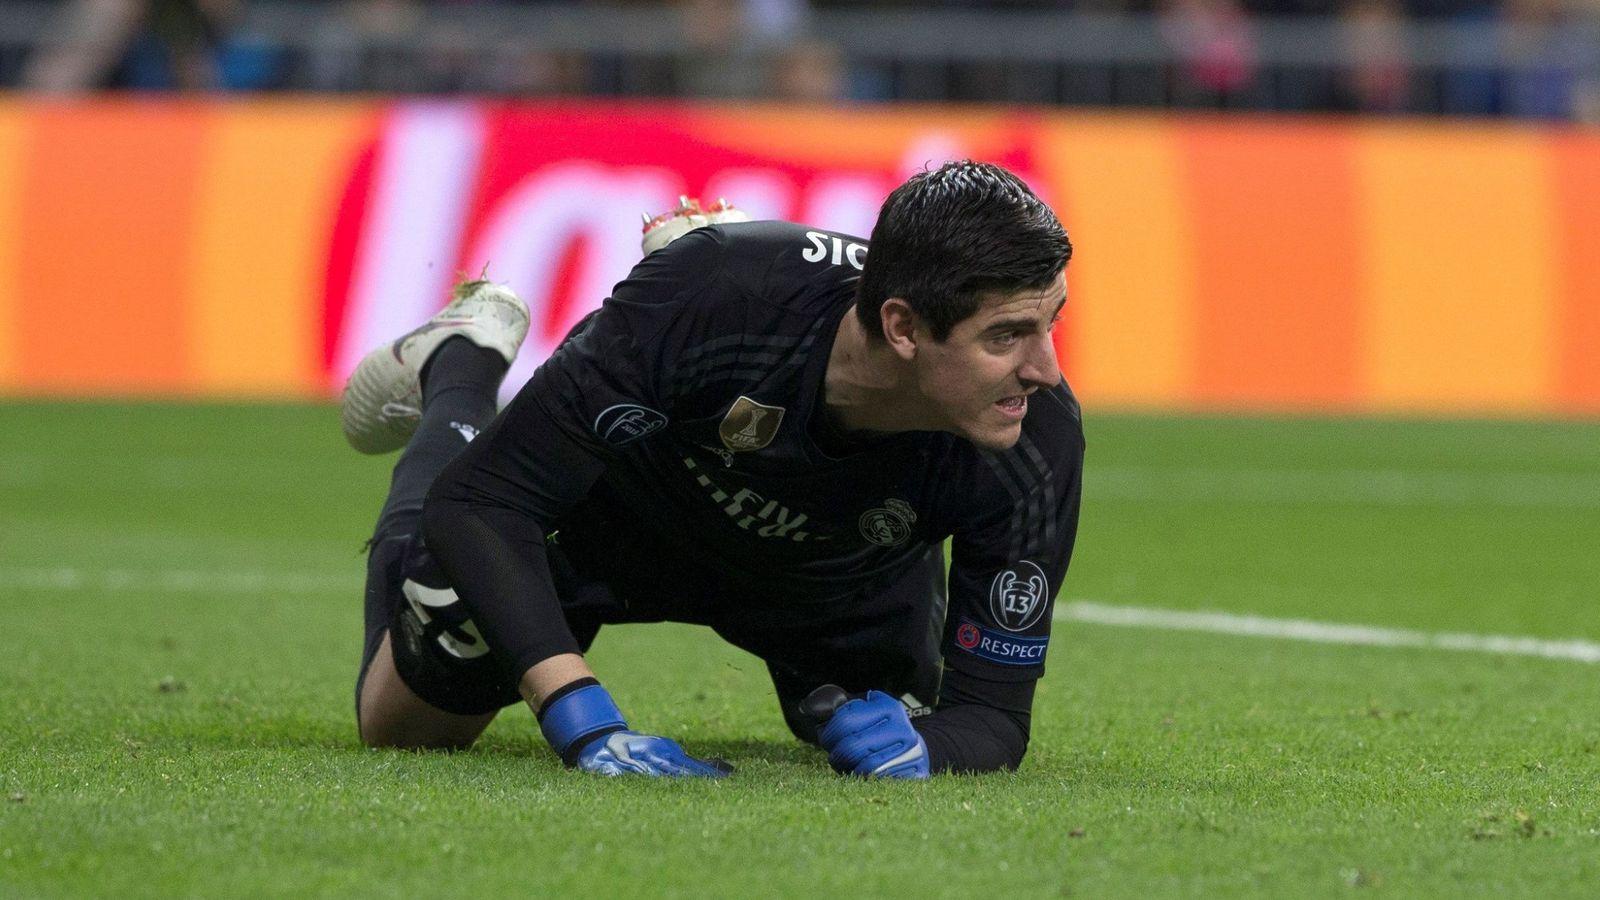 Foto: Thibaut Courtois durante un partido del Real Madrid. (Efe)